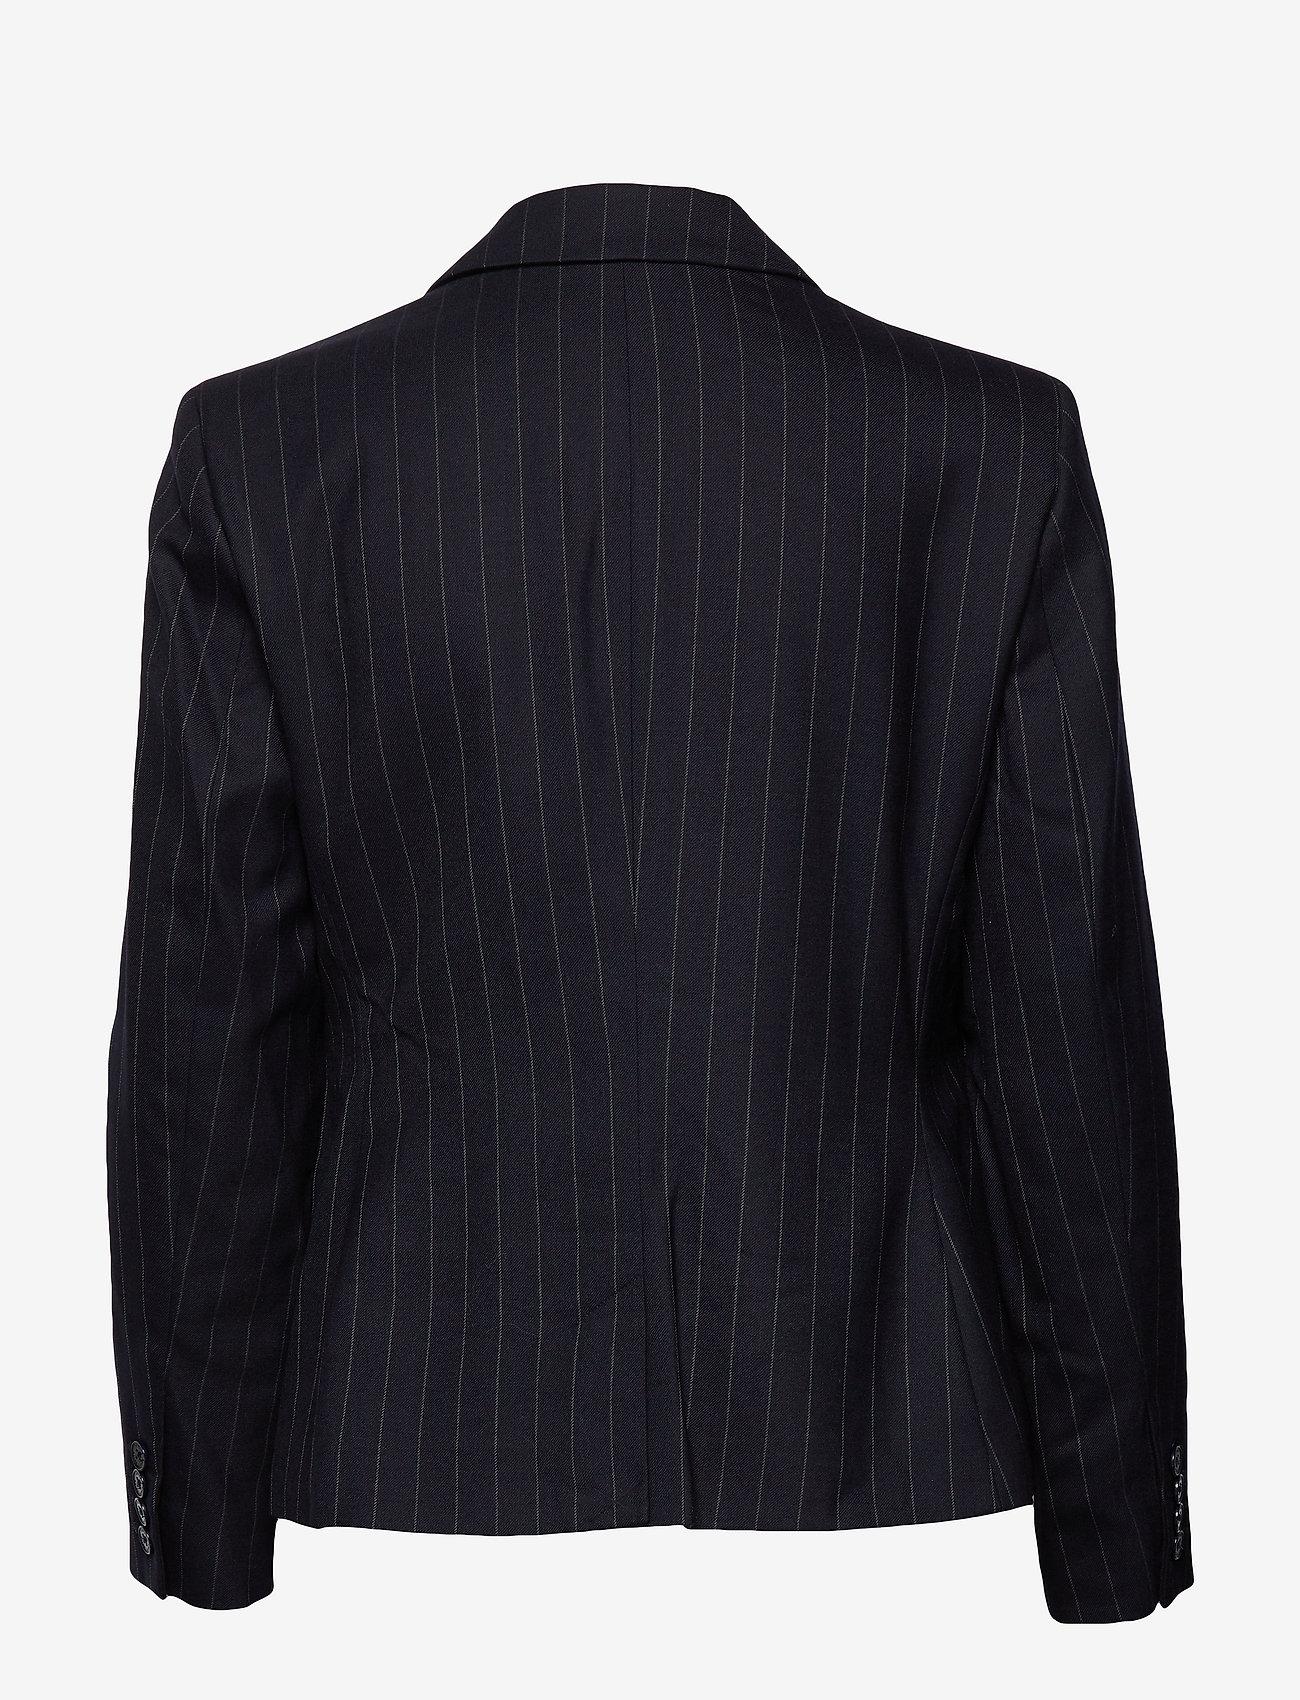 Wool Suiting-jacket (Navy Multi) - Lauren Ralph Lauren EJBH5X